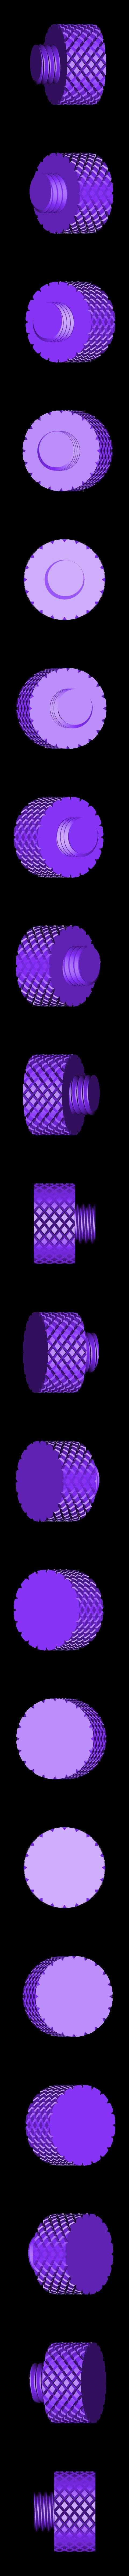 threadEnd.stl Télécharger fichier STL gratuit Oldie Vice • Design pour impression 3D, AnsonB